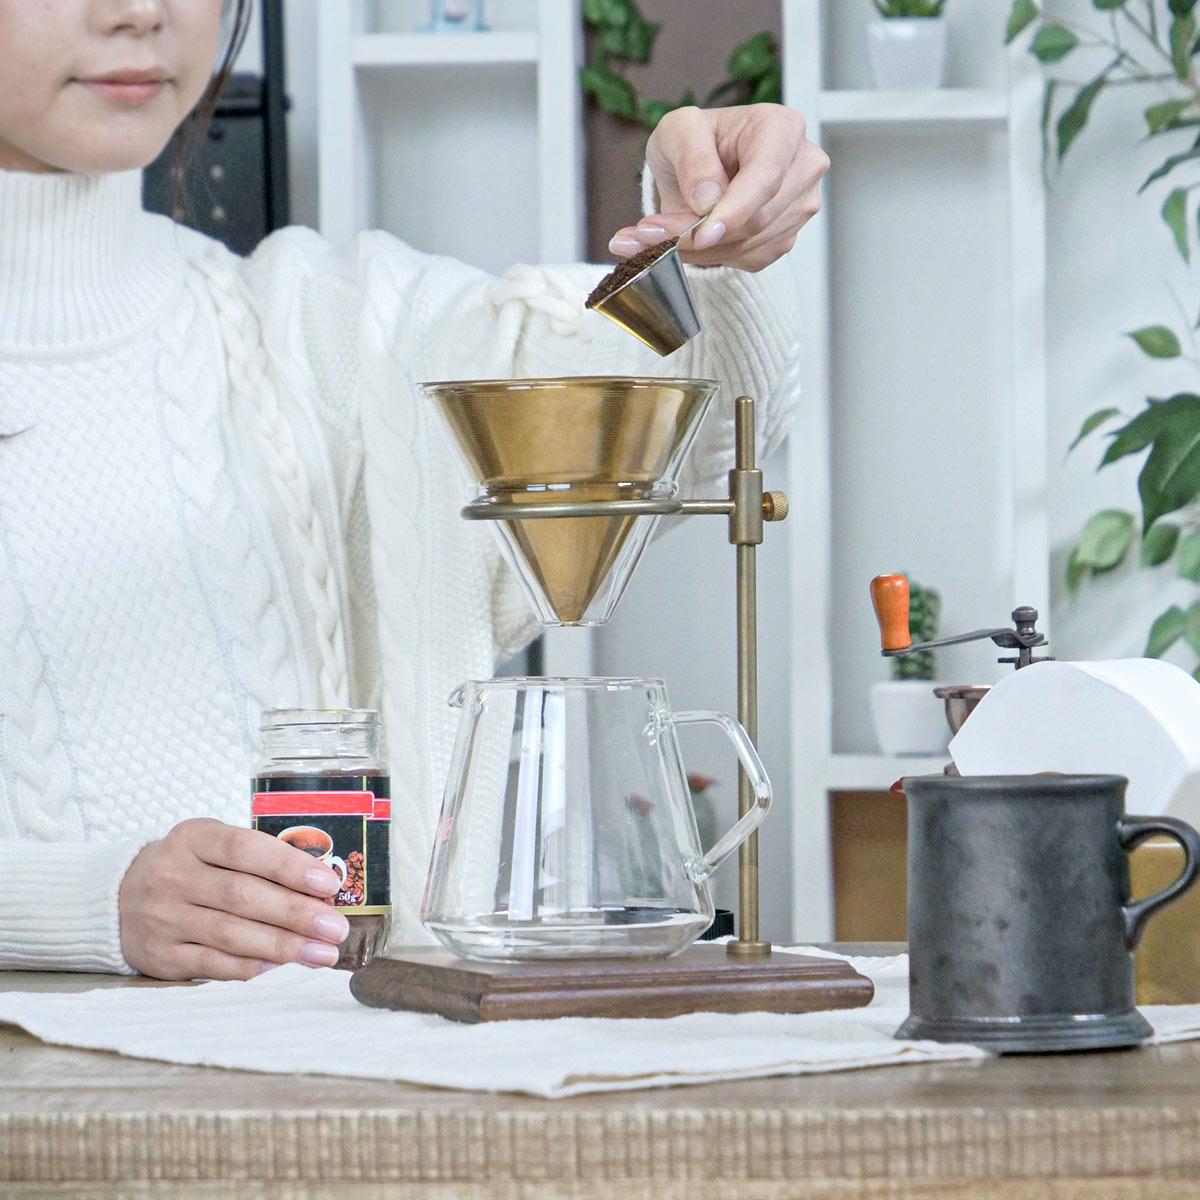 コーヒースタンド ブリューワースタンド SLOW COFFEE STYLE Specialty 真鍮製スタンド ( 送料無料 ウォールナット 木台 スタンド ドリップ コーヒー コーヒーウェア スローコーヒースタイル スペシャリティ コーヒーグッズ KINTO キントー )